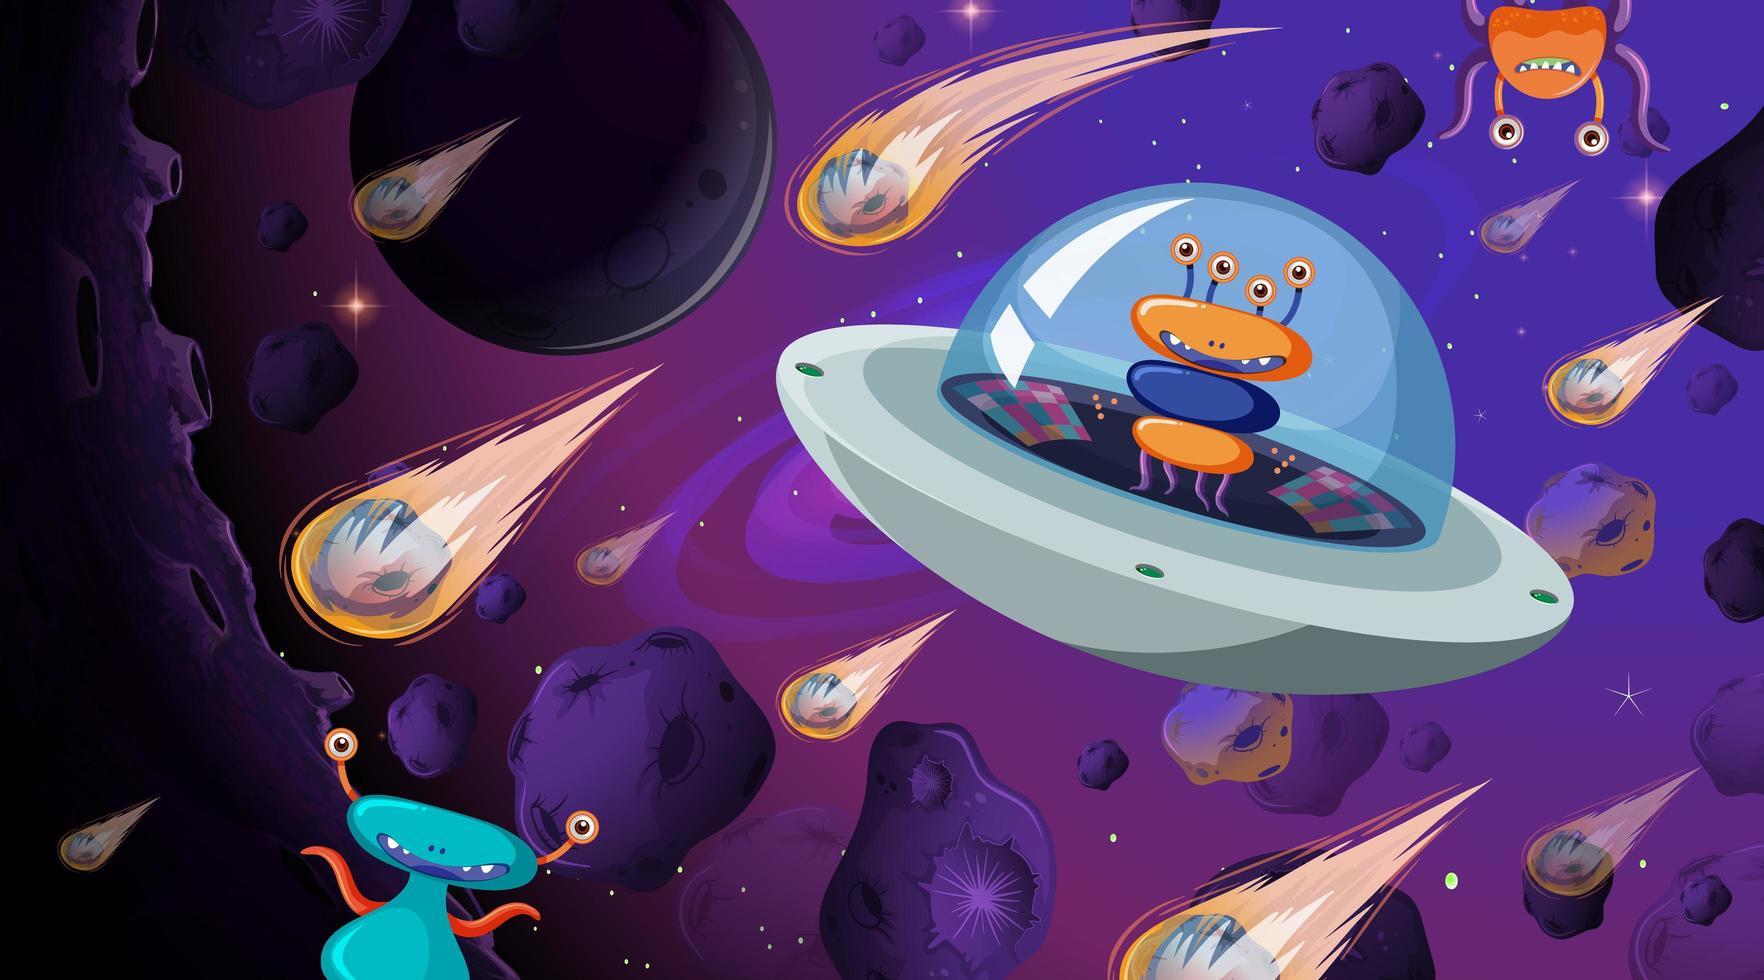 främmande i rymdskepp vektor